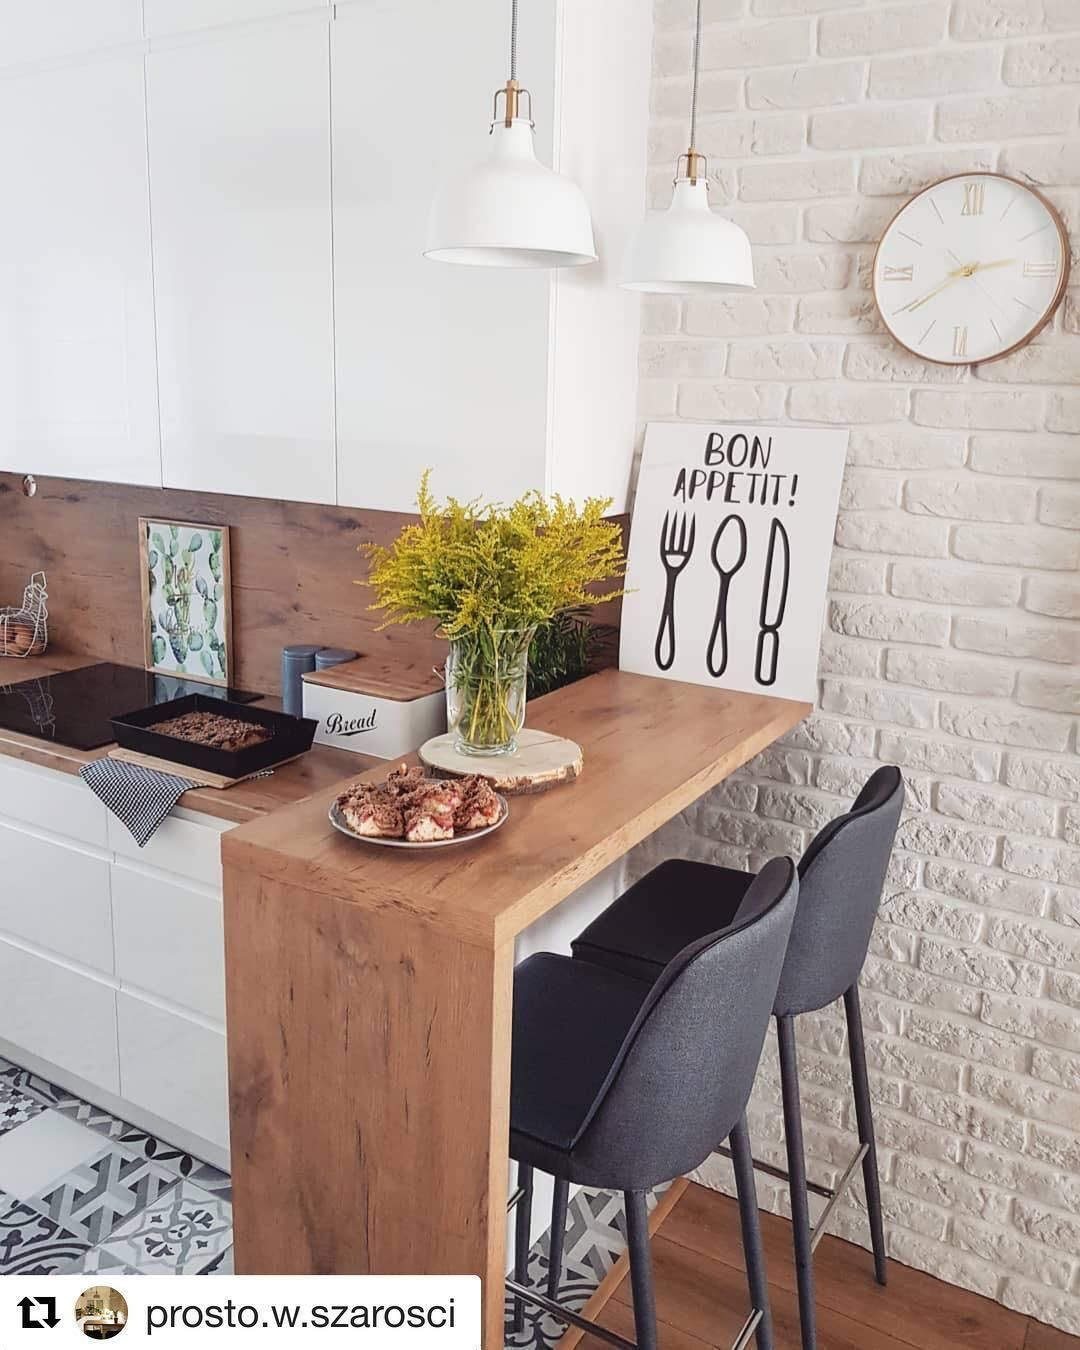 √ 65+ Beste Ideen und Designs für kleine Küchen - Bestes Zuhause Ideal